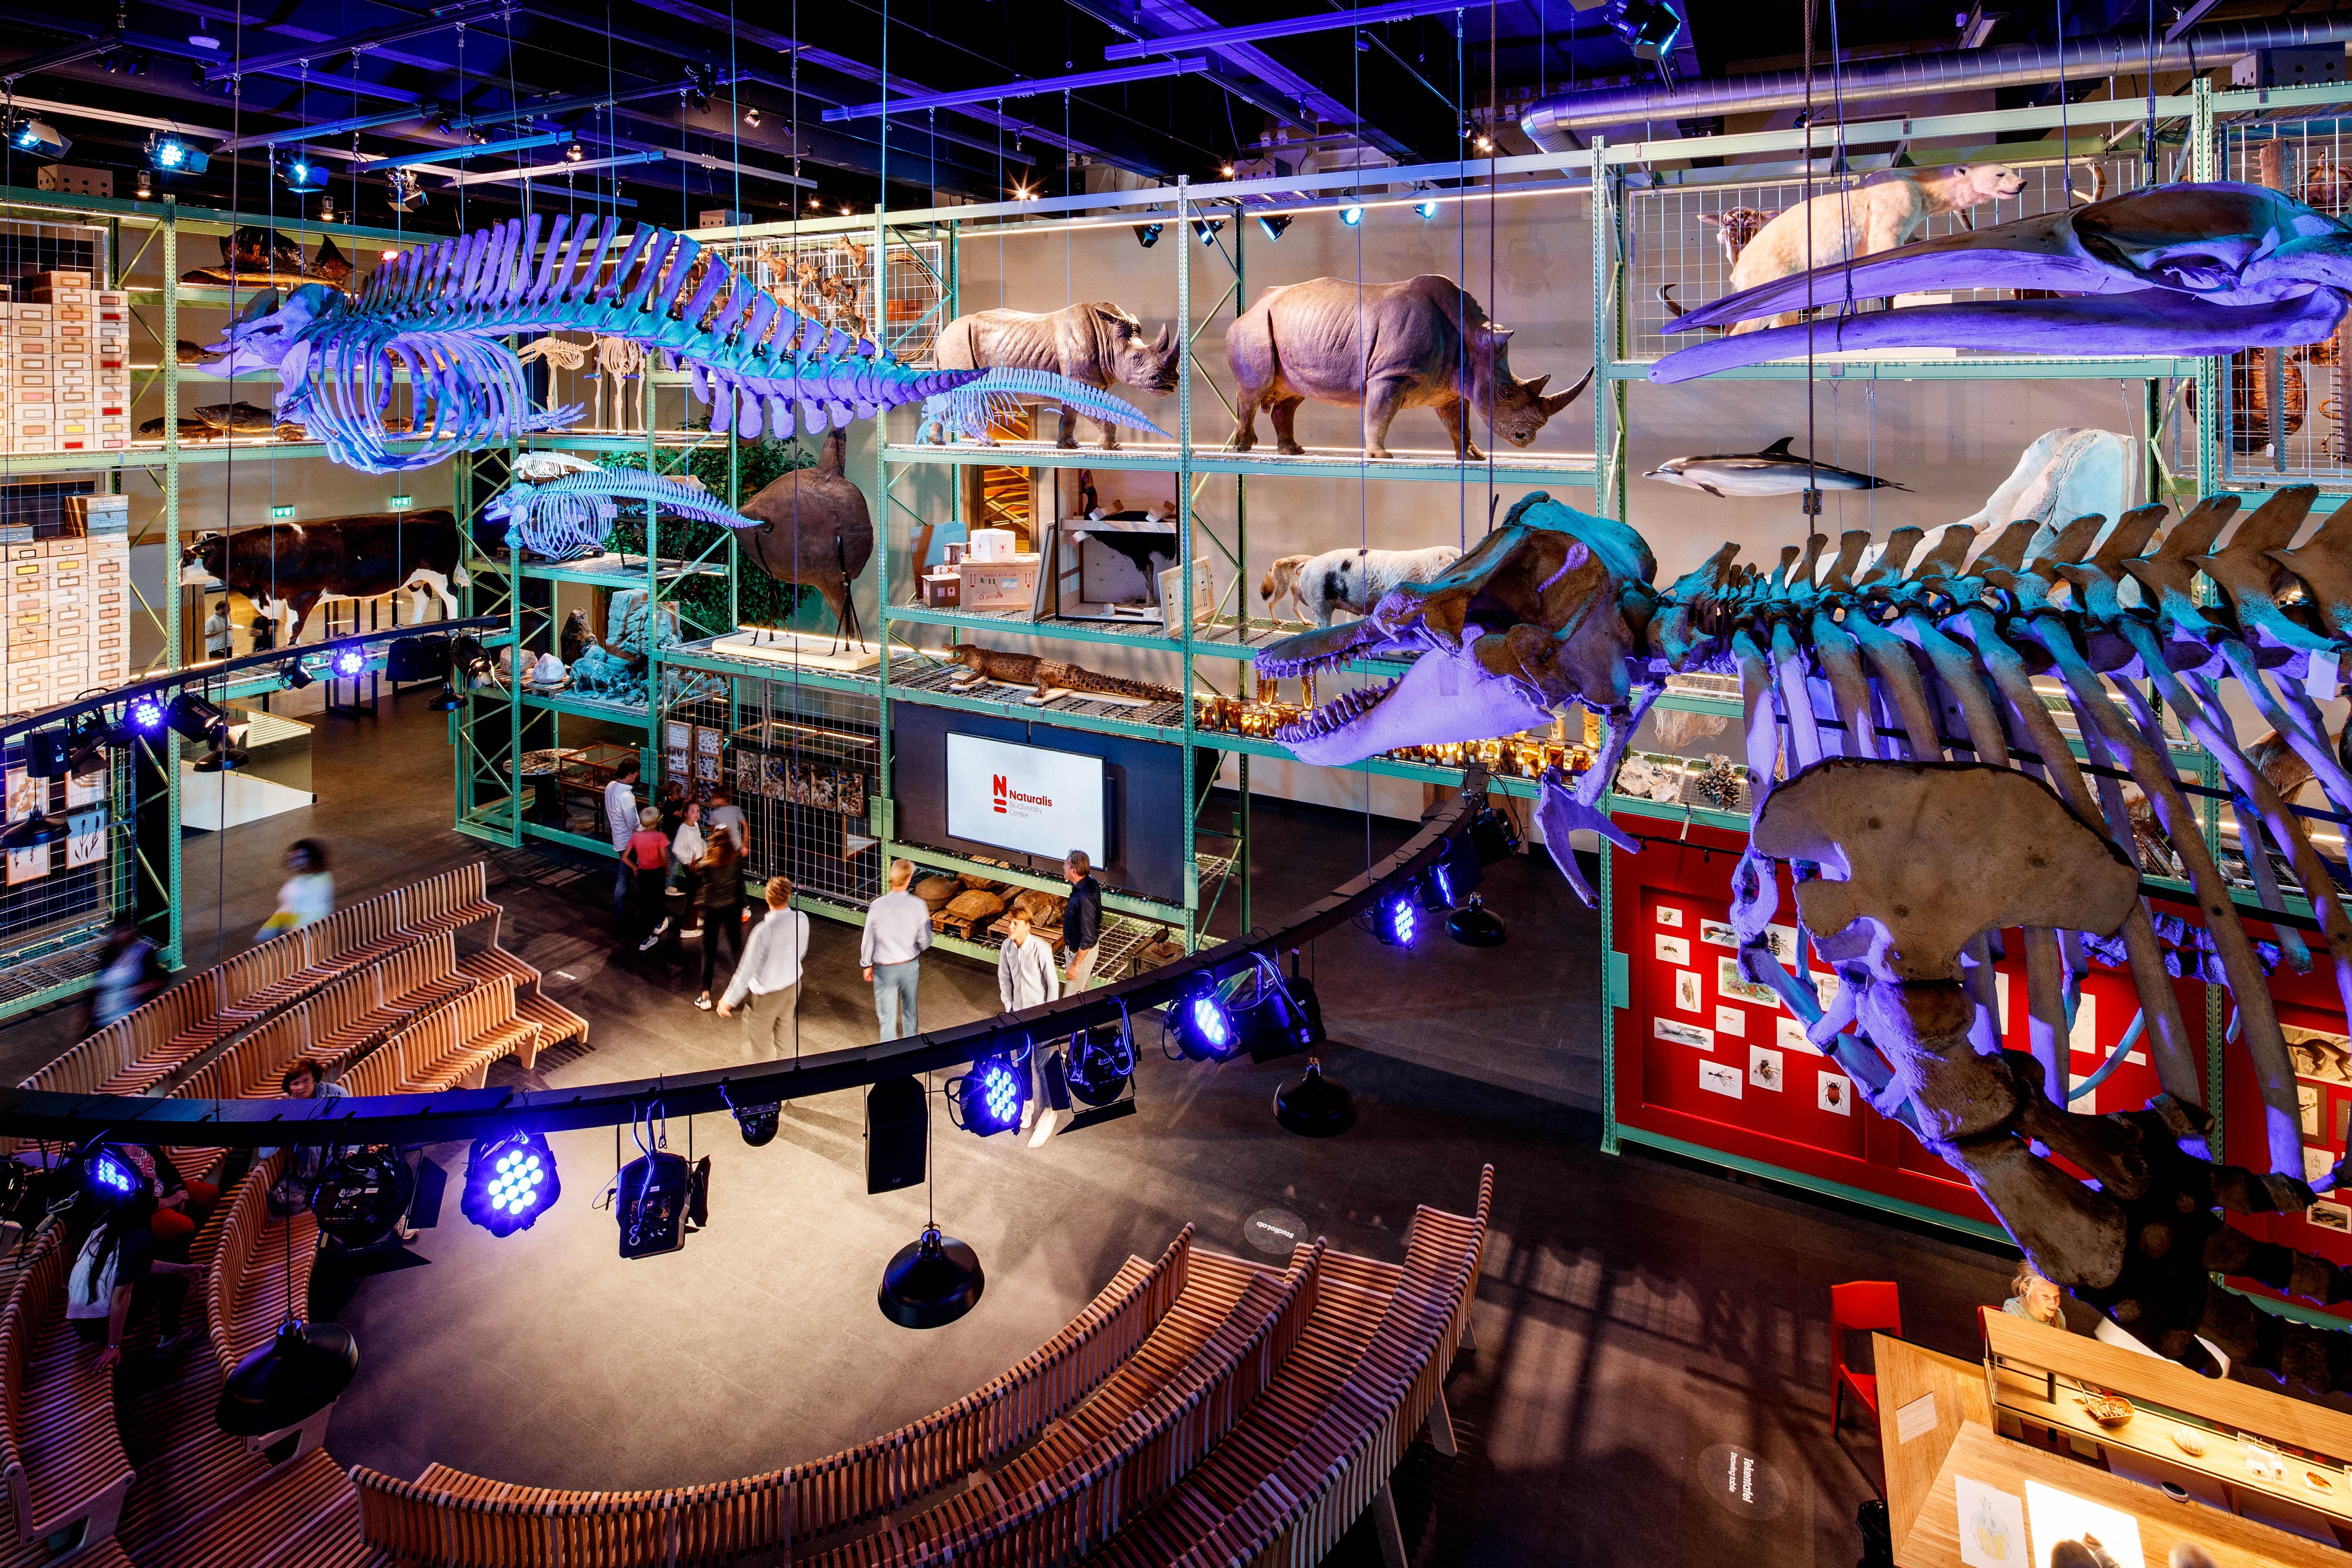 Naturalis genomineerd voor museumprijs en wil geld gebruiken voor de bouw van een professionele studio